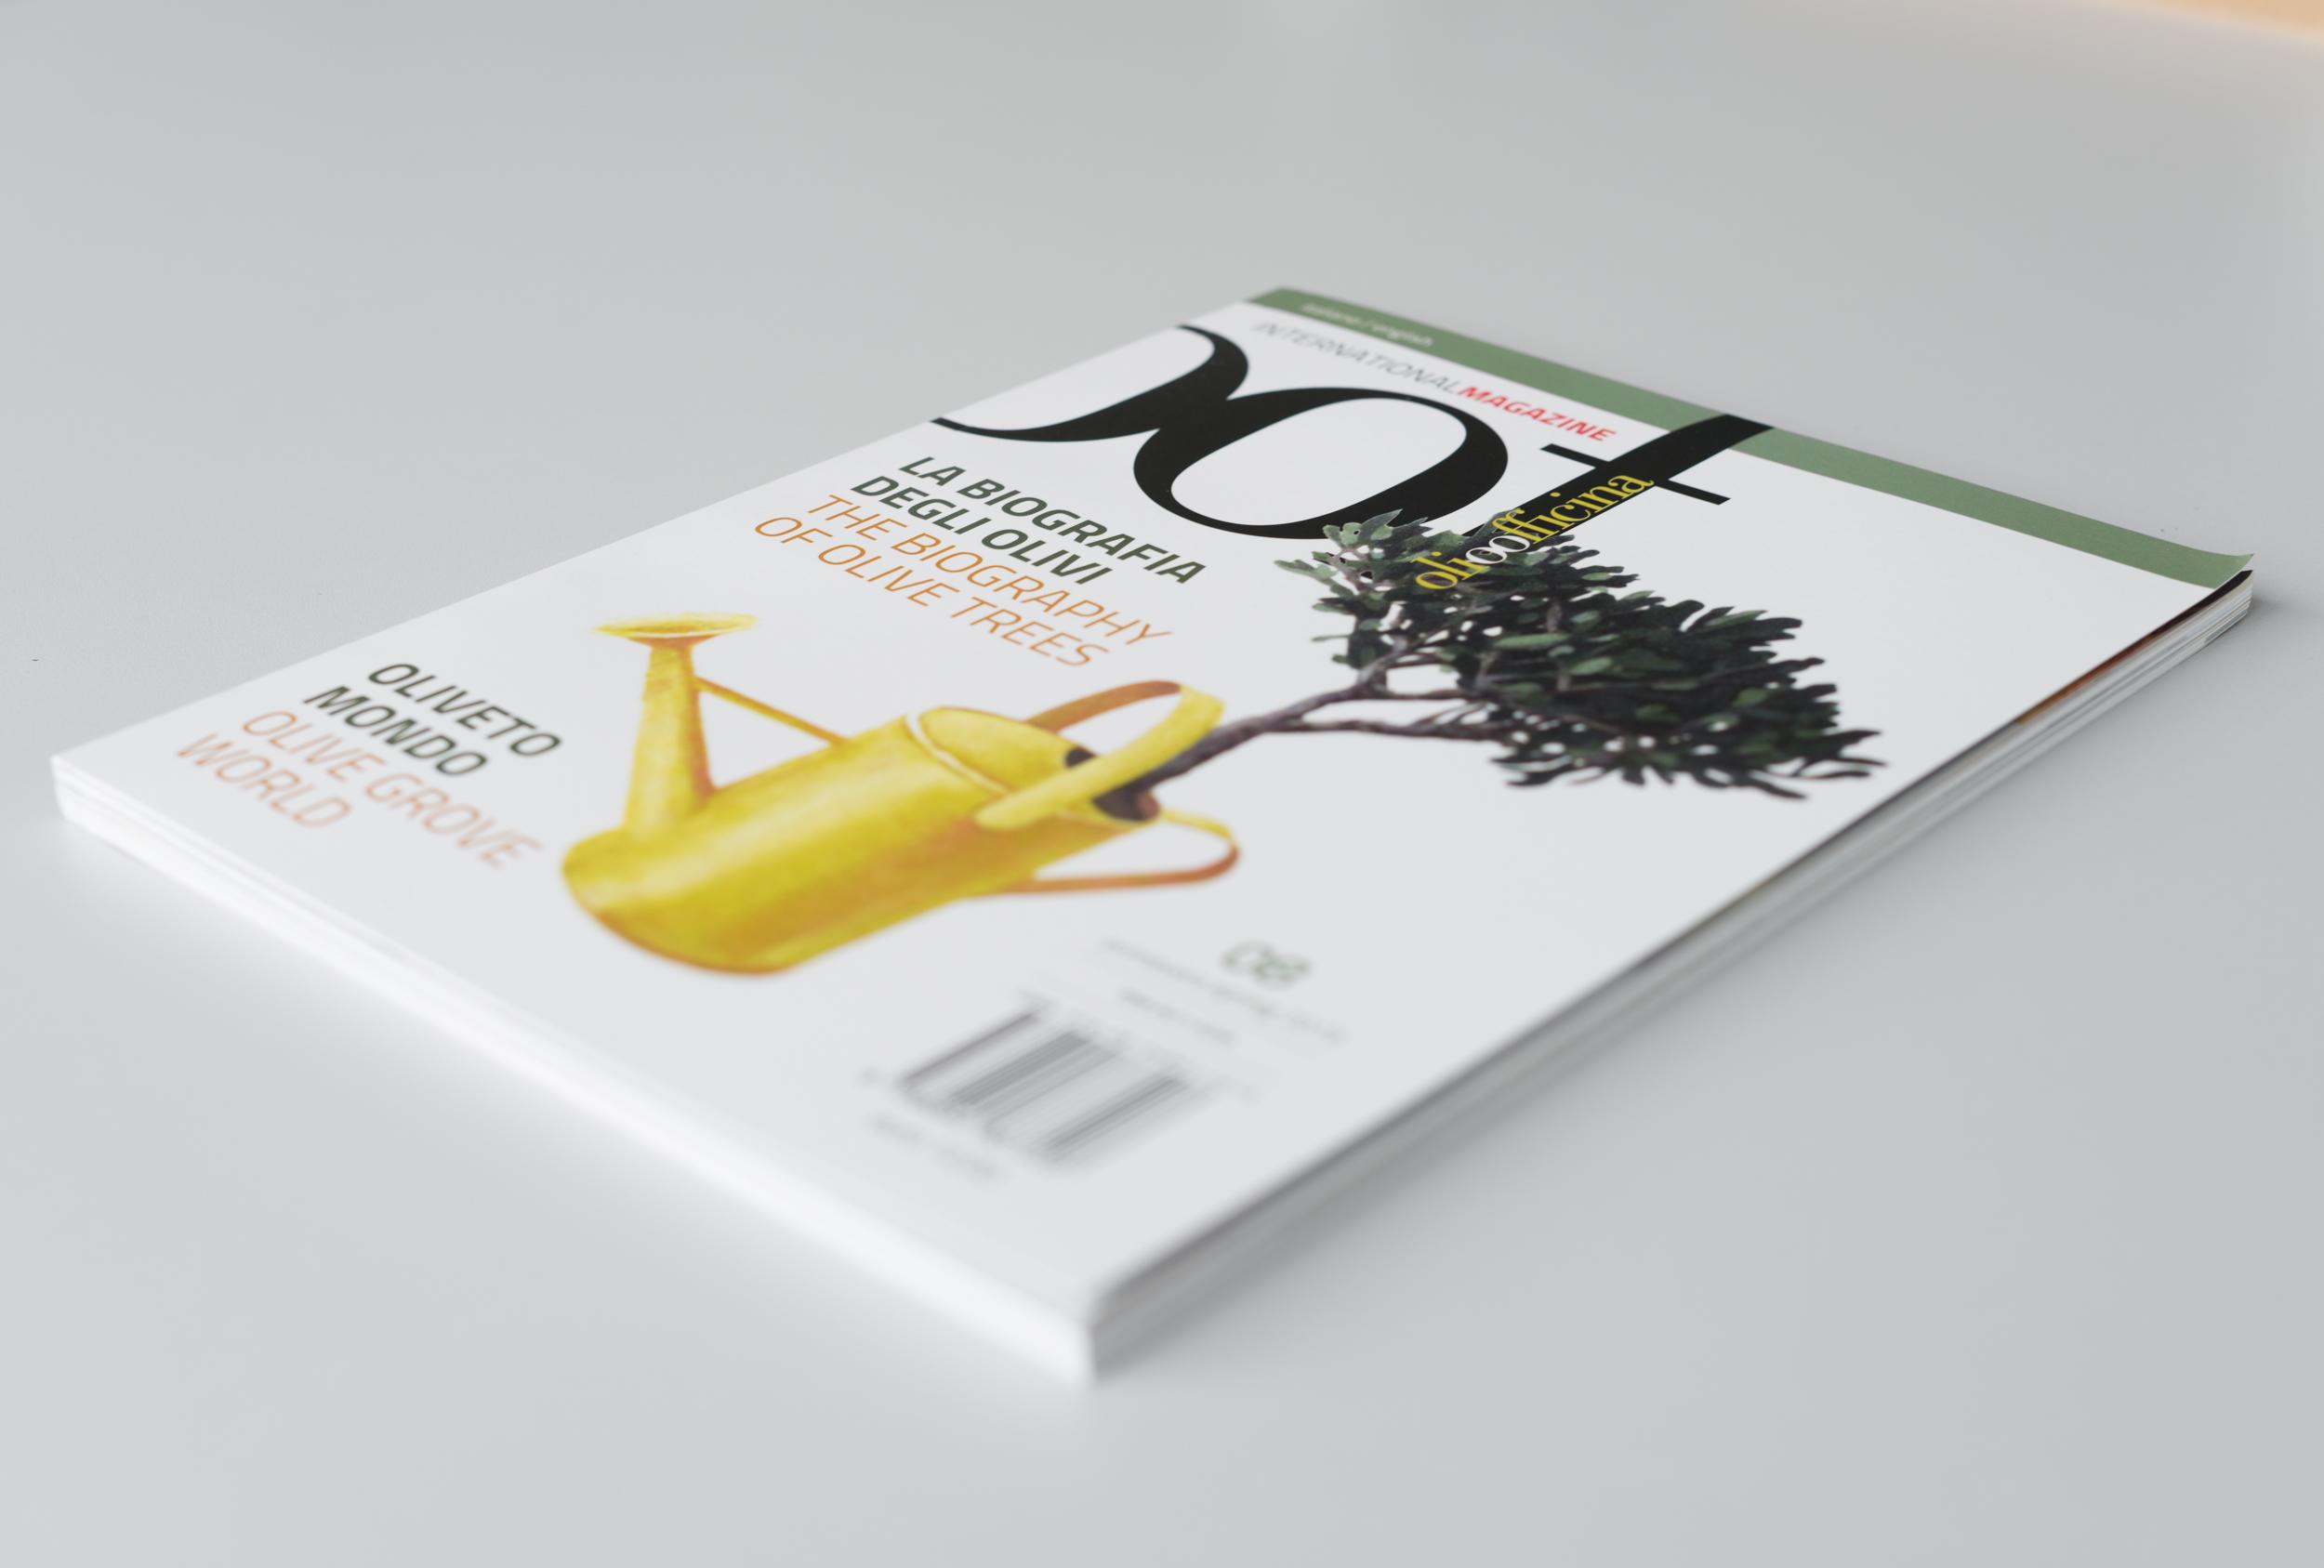 OLIOOFFICINA -OOF- Olio Officina magazine Remi van Oers 6.jpg